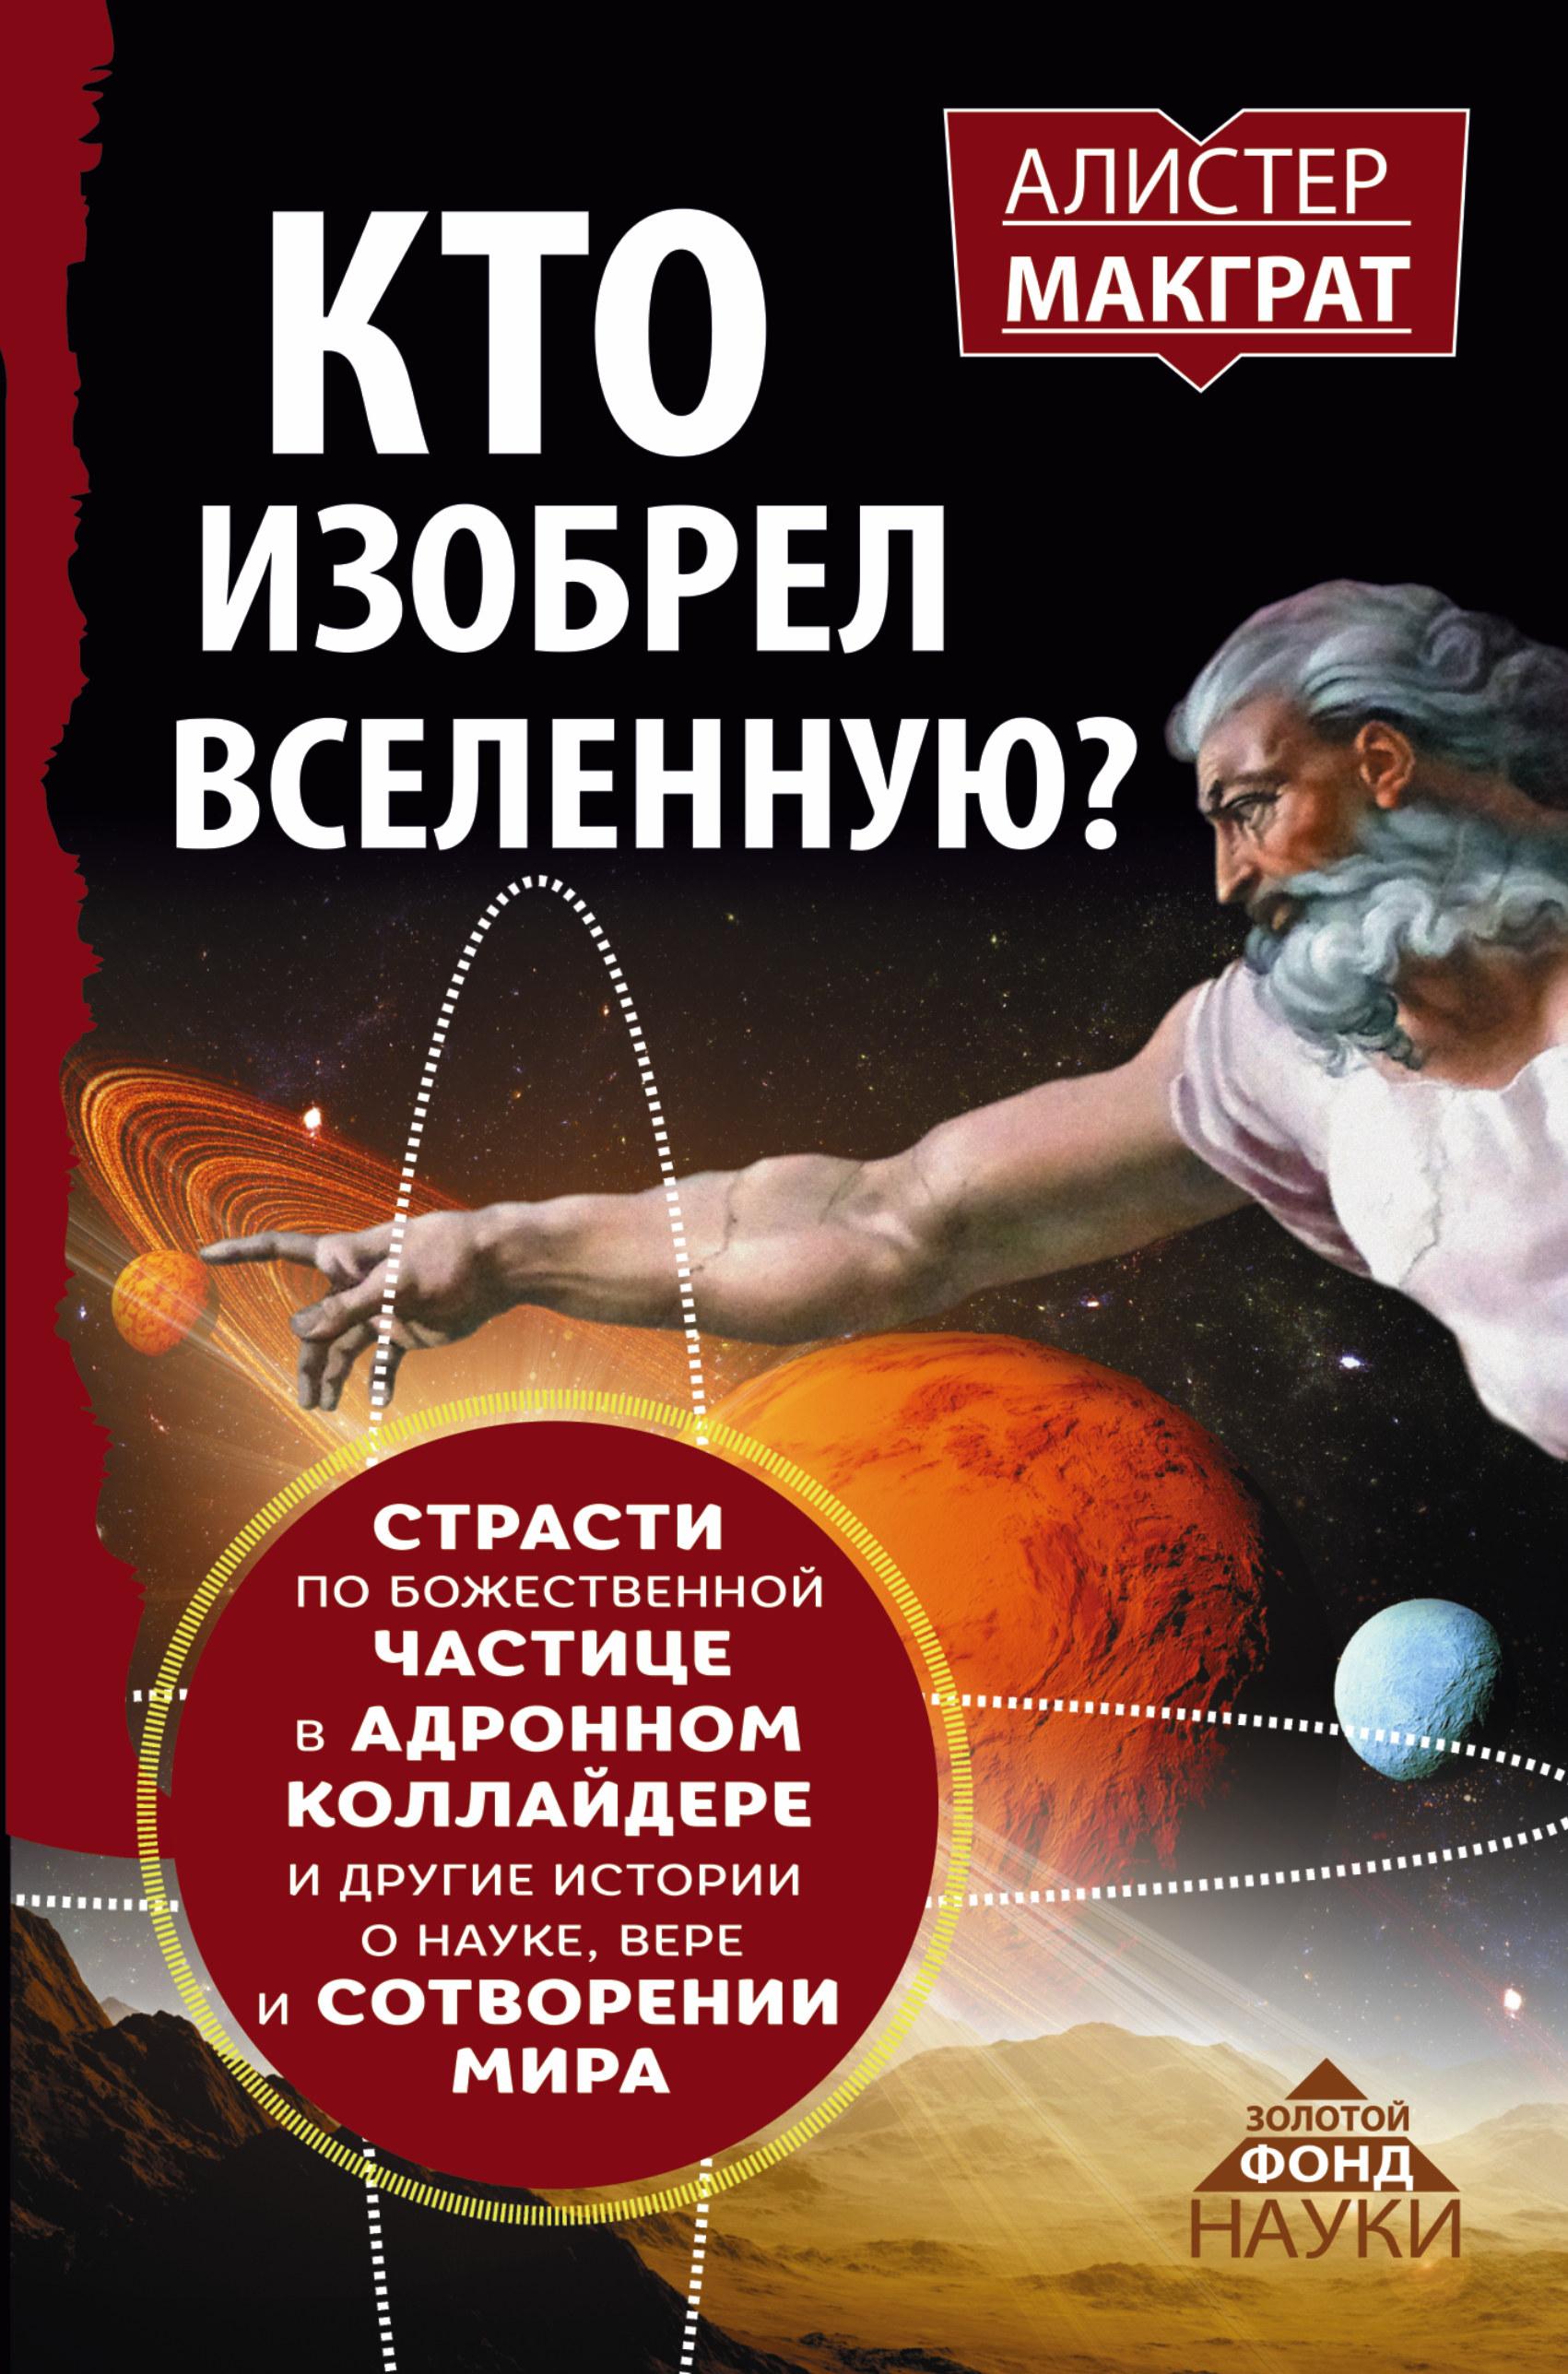 КТО ИЗОБРЕЛ ВСЕЛЕННУЮ? Страсти по божественной частице в адронном коллайдере и другие истории о науке, вере и сотворении мира